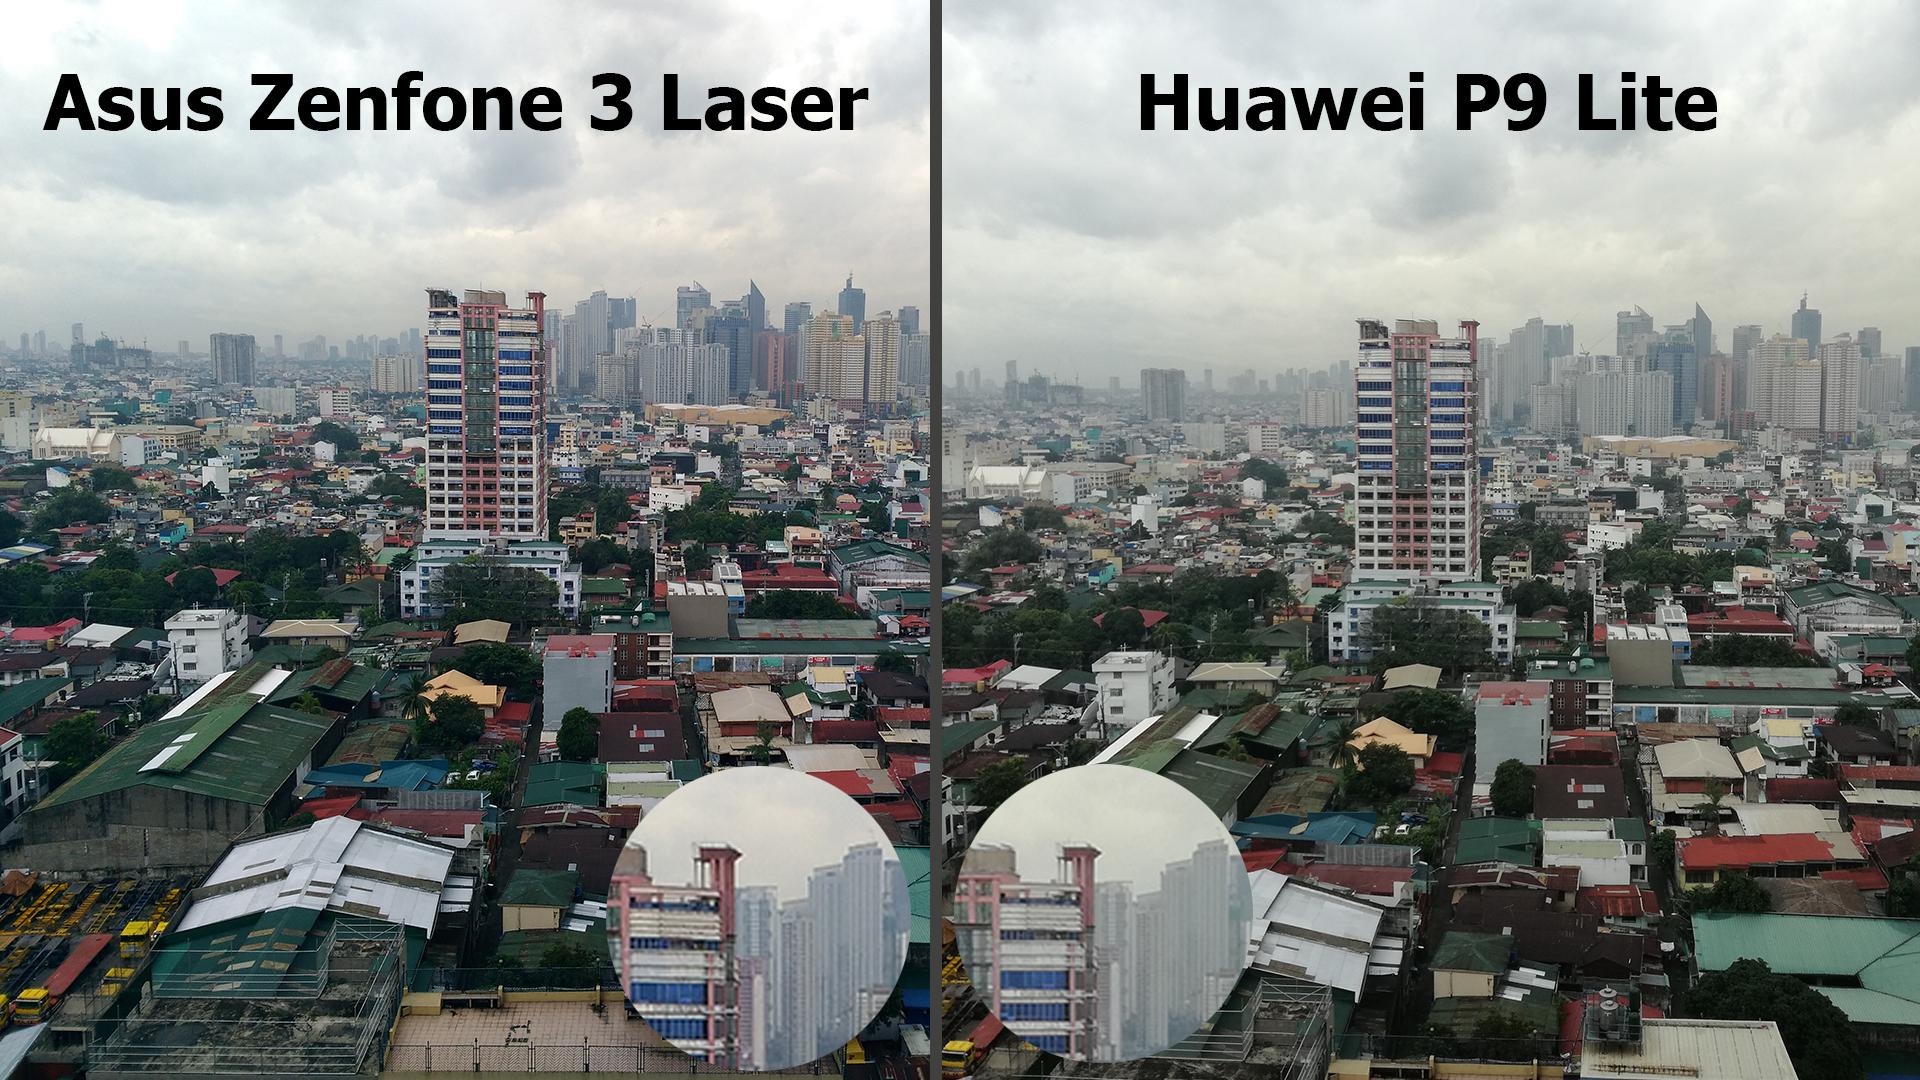 asus zenfone 3 laser vs huawei p9 lite  parison review